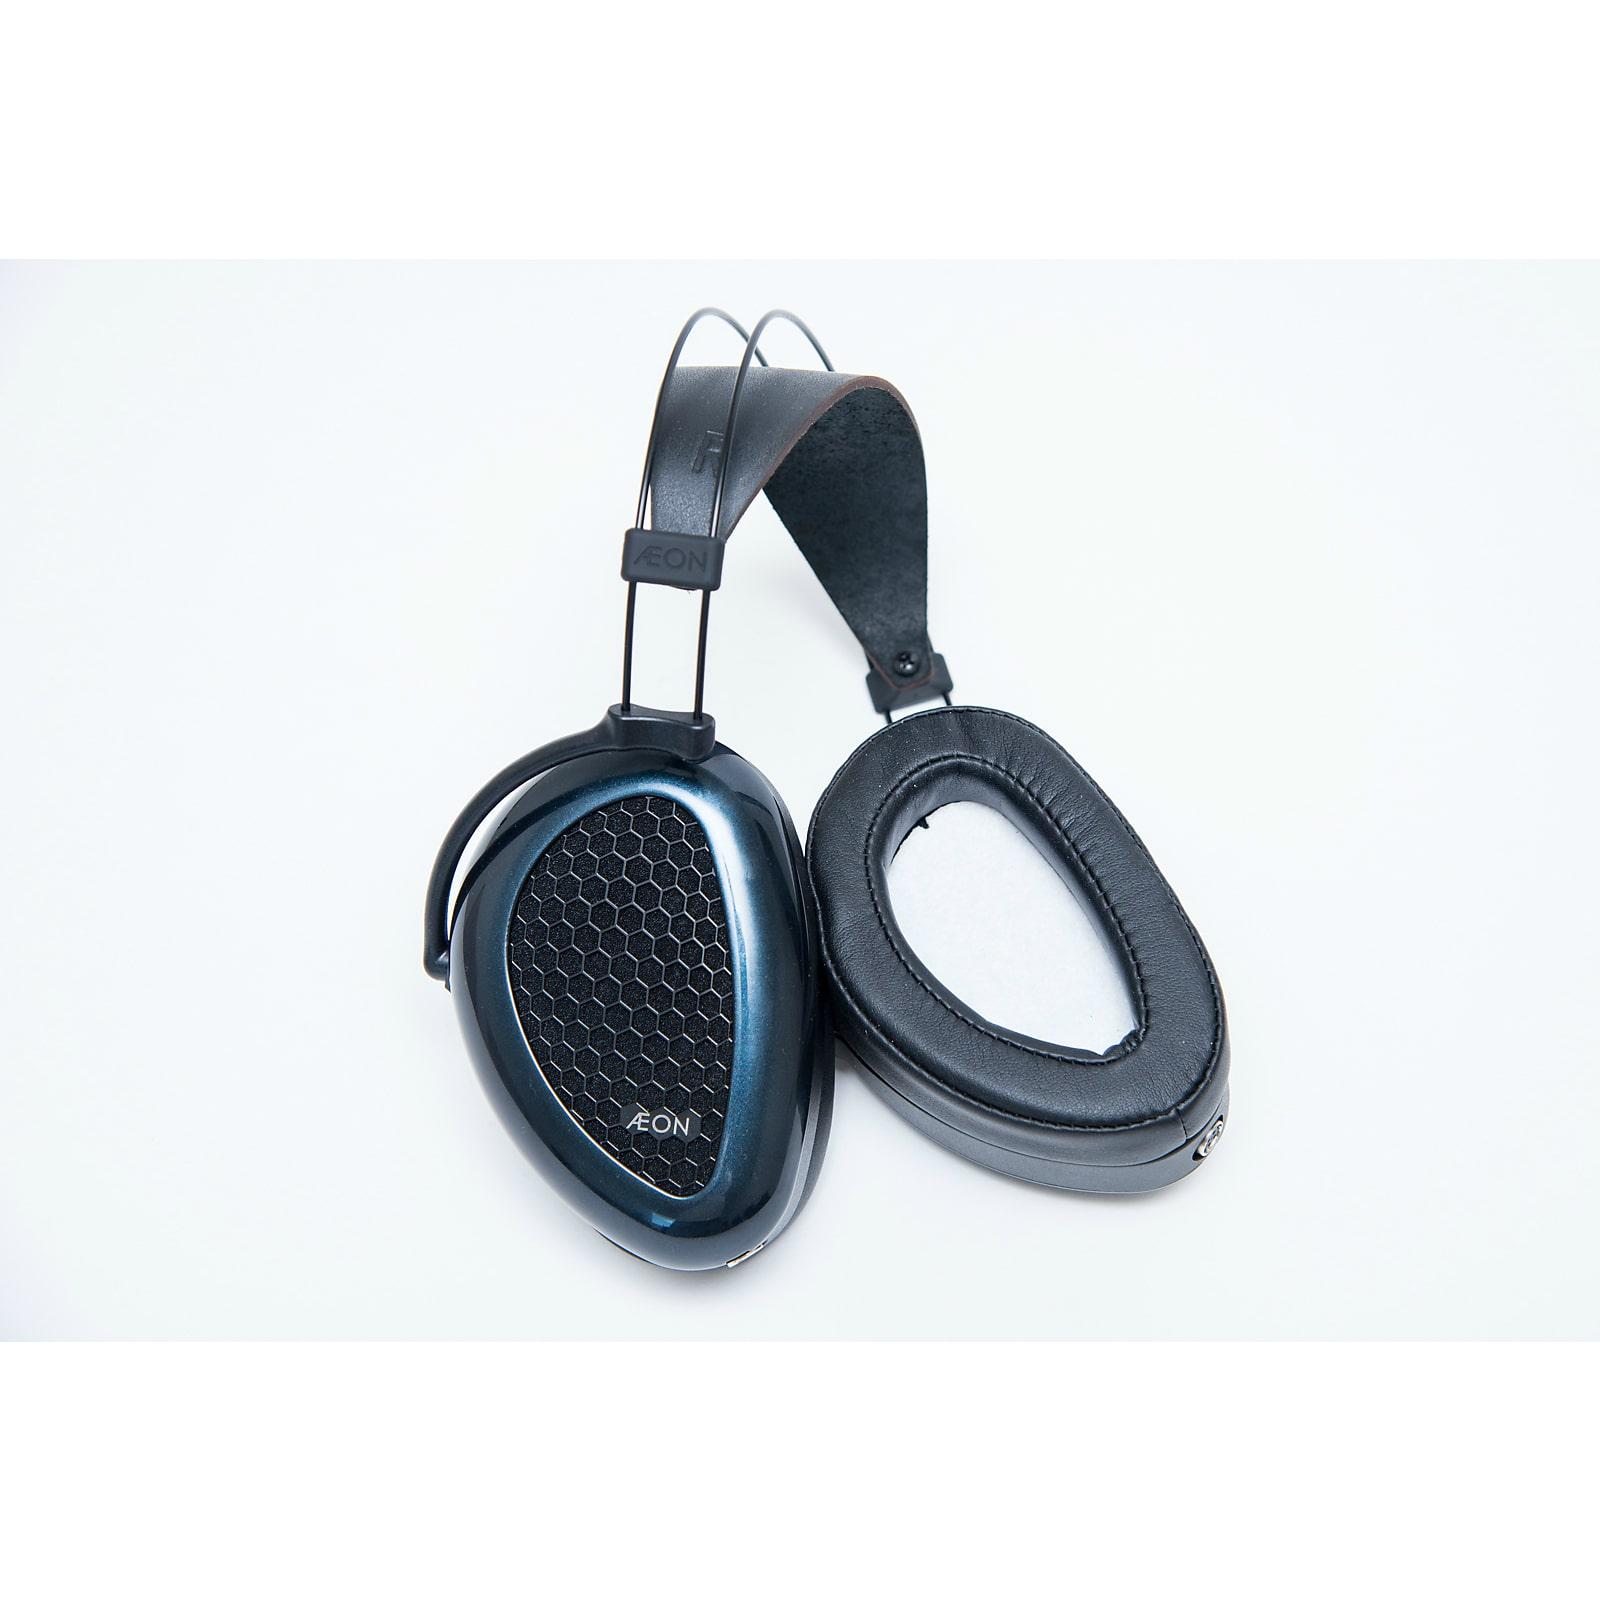 MrSpeakers AEON Flow Over-Ear Open-Back Headphones